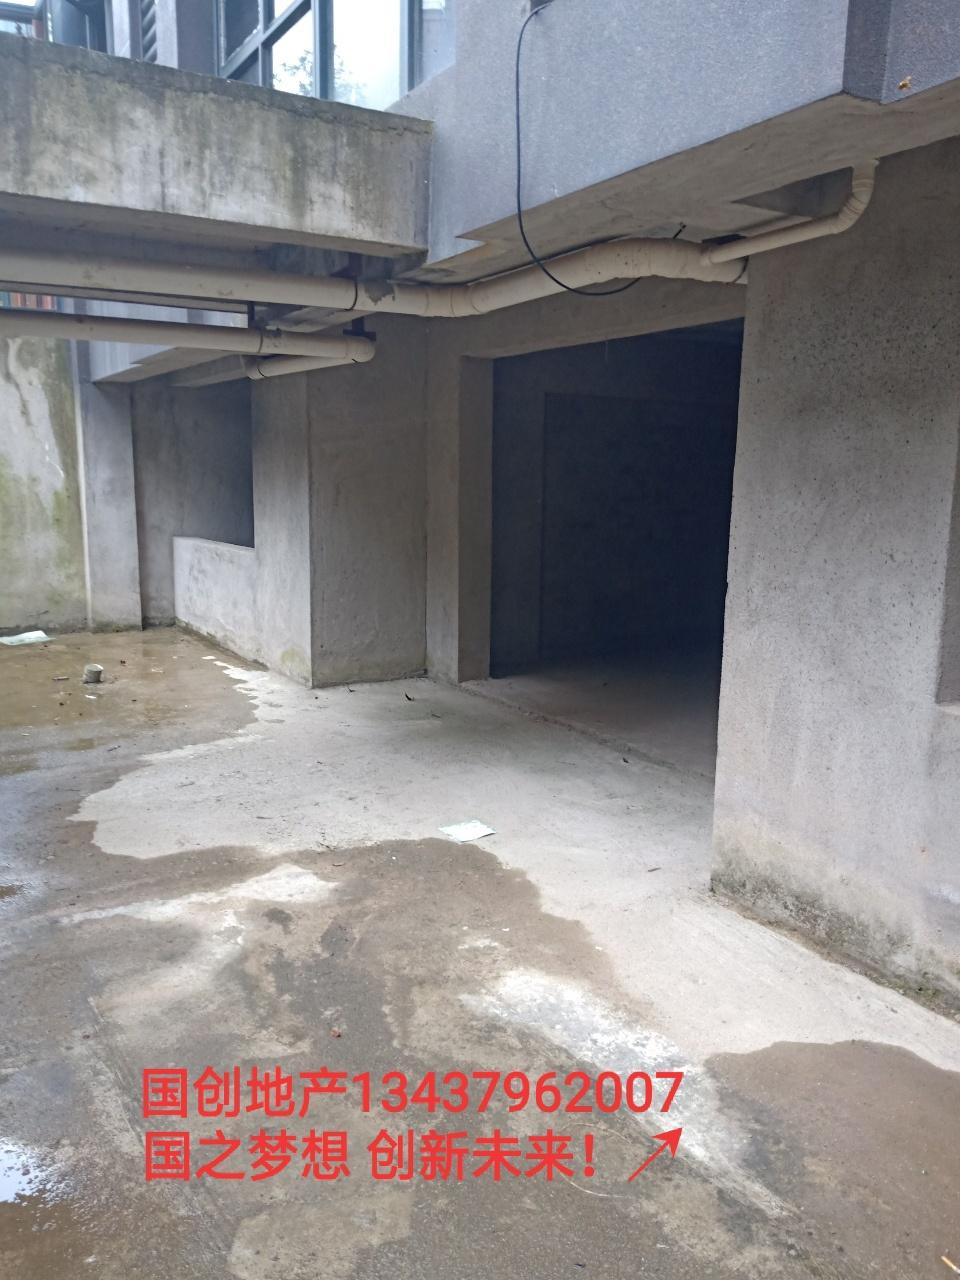 财富中央城5室2厅2卫139万元复式带地下室